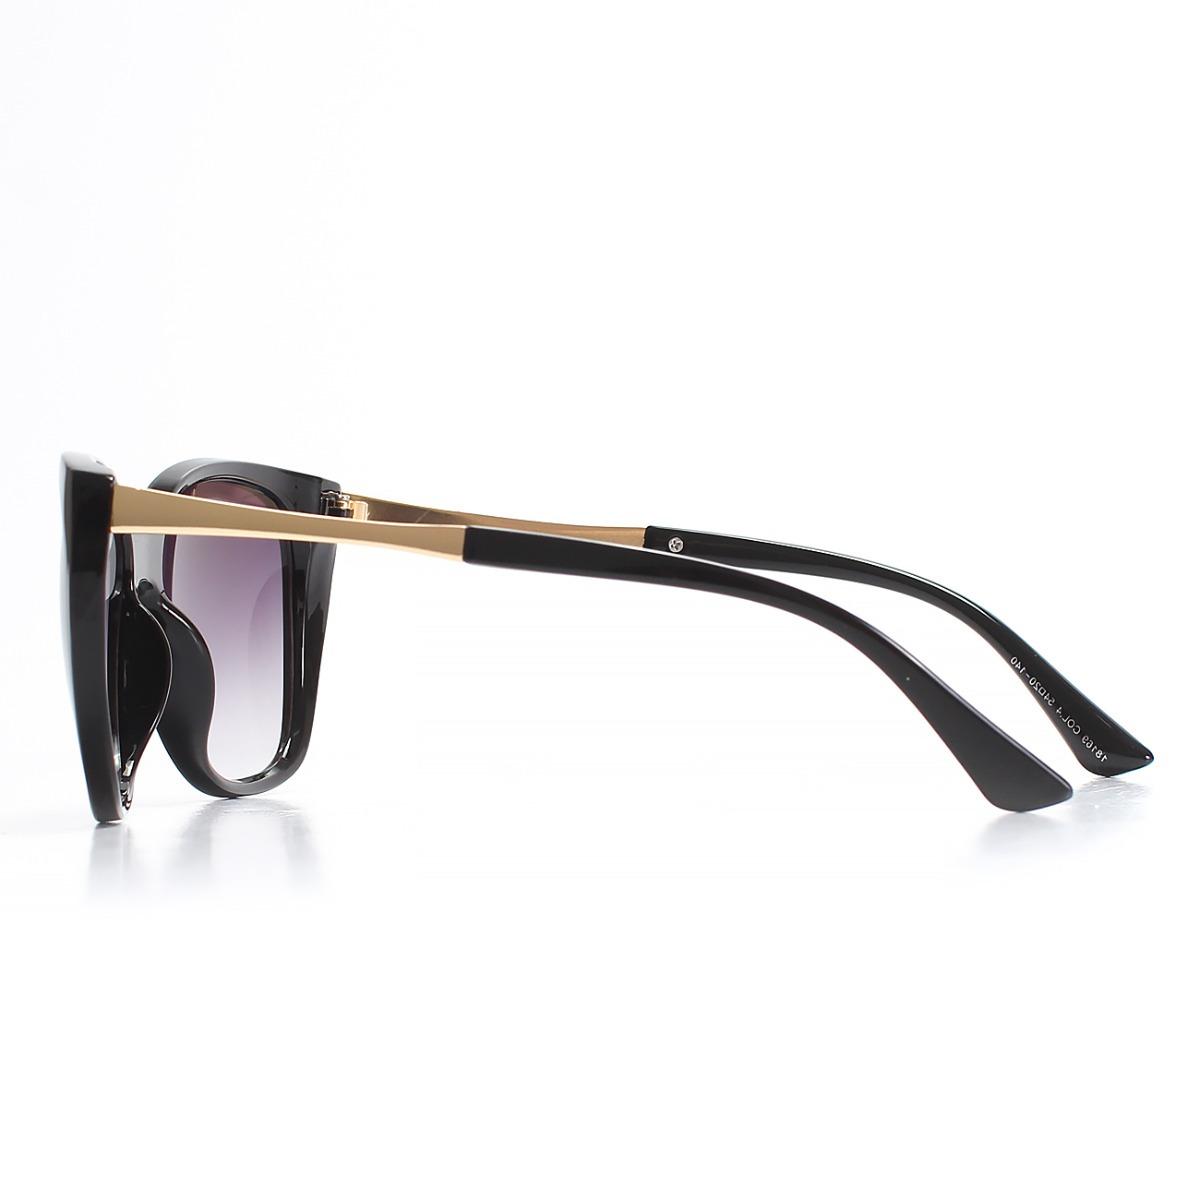 05981529cea88 oculos sol feminino gatinho lente proteção uv estojo grátis. Carregando zoom .